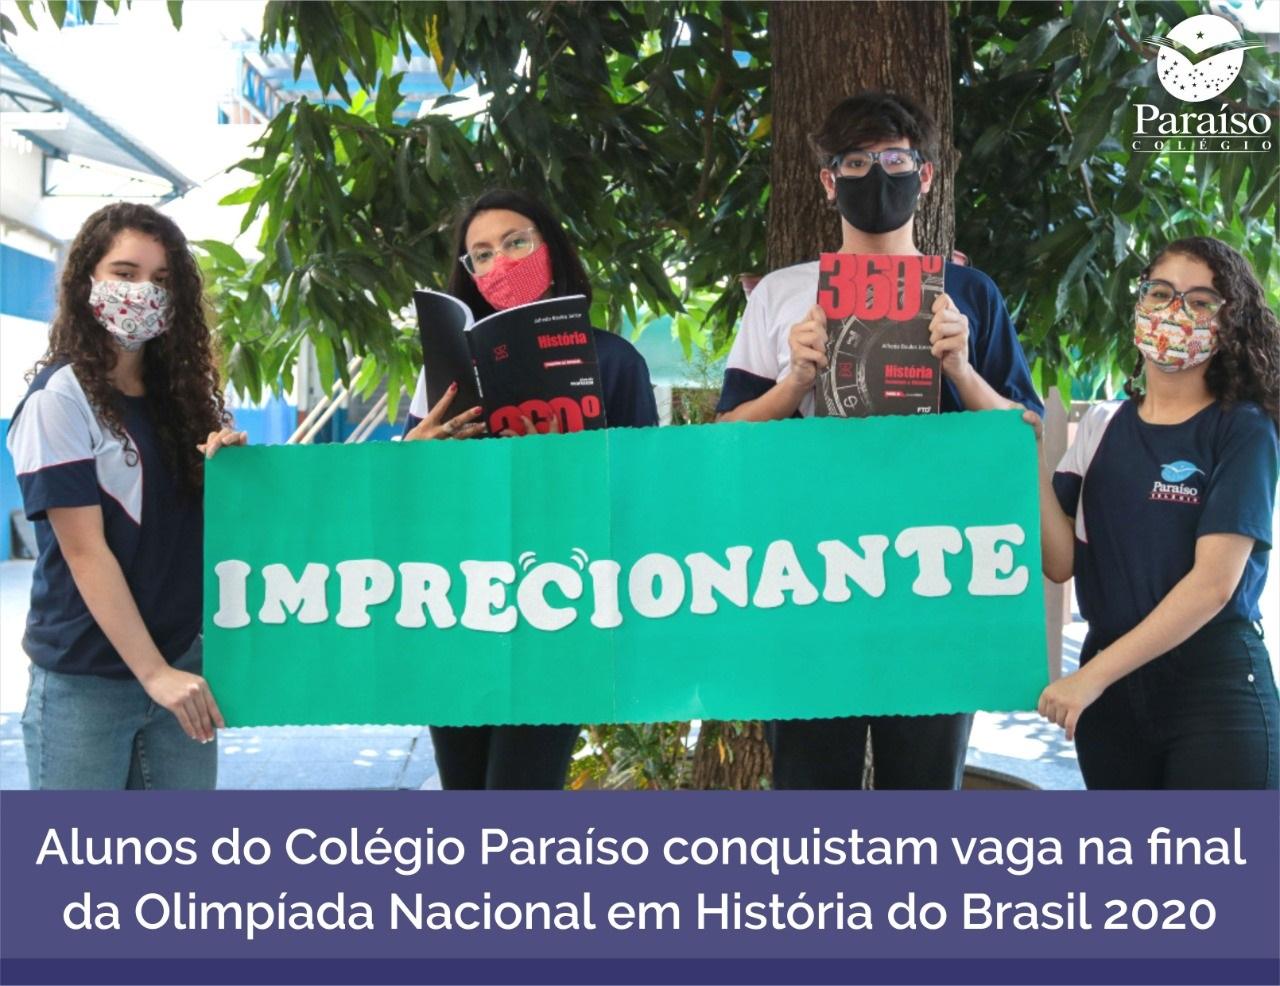 Alunos do Colégio Paraíso conquistam vaga na final da Olimpíada Nacional em História do Brasil 2020